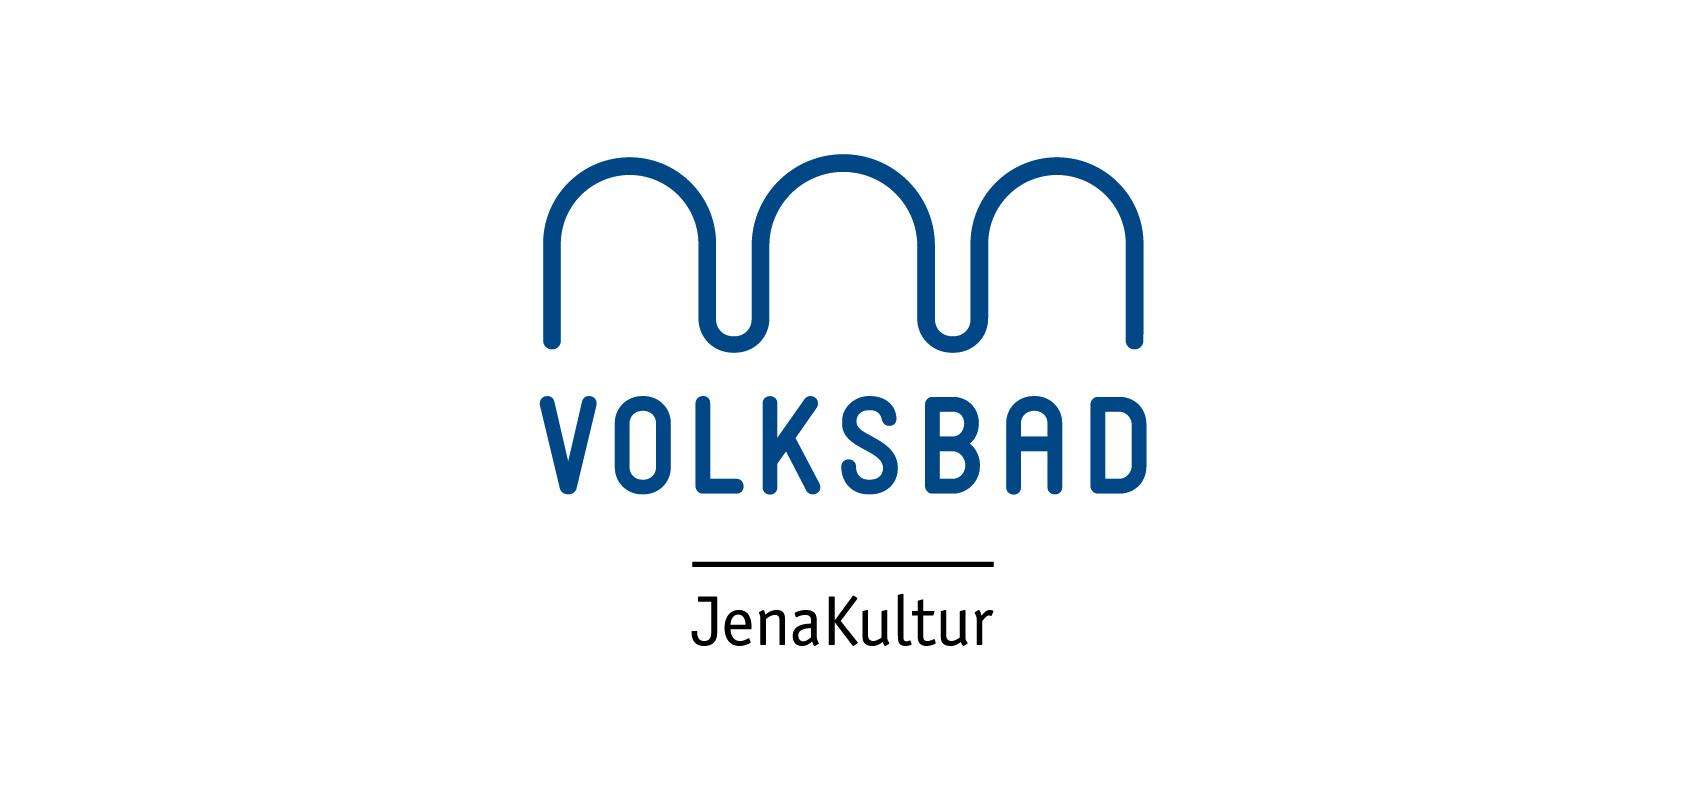 Logo des Volksbads Jena - Mitglied der Tagungsallianz Jena © JenaKultur